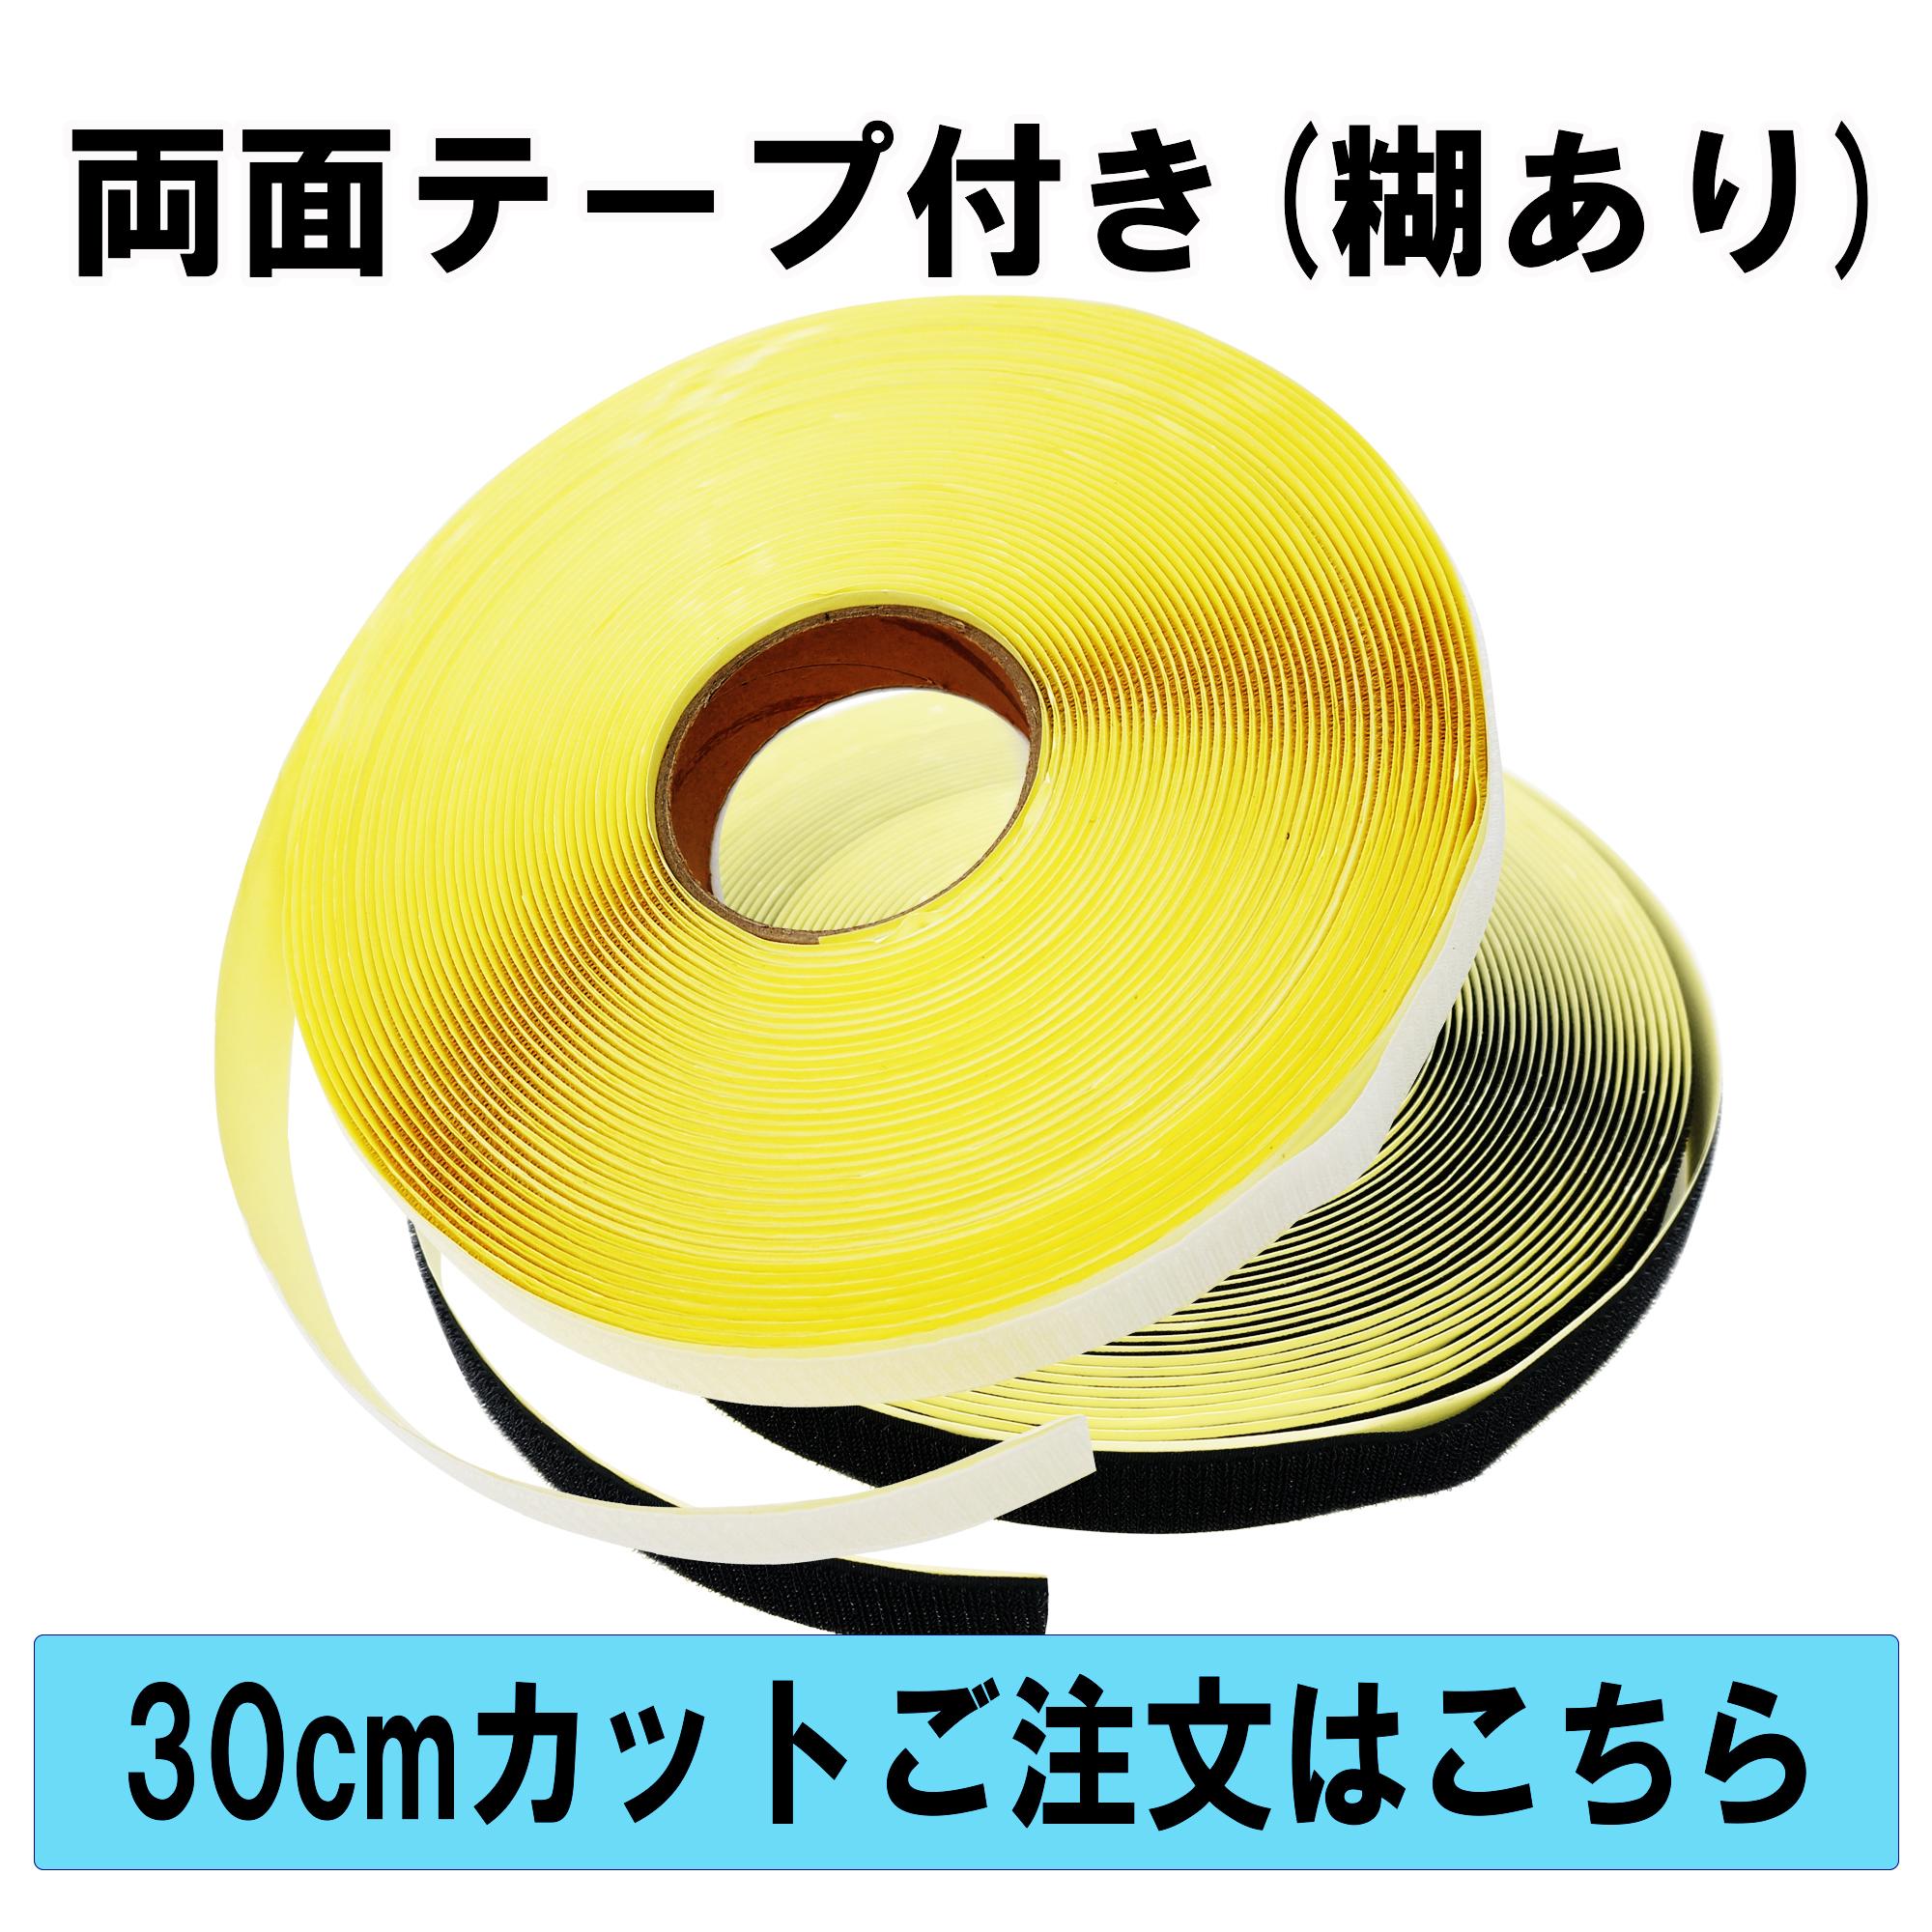 面ファスナー 両面テープ付 30cmカット オス・メス合計2枚セット 幅12.5mm~100mm  白 or 黒 糊付き 工作 カーペットのズレ防止等に クラレ の マジックテープ ではありません